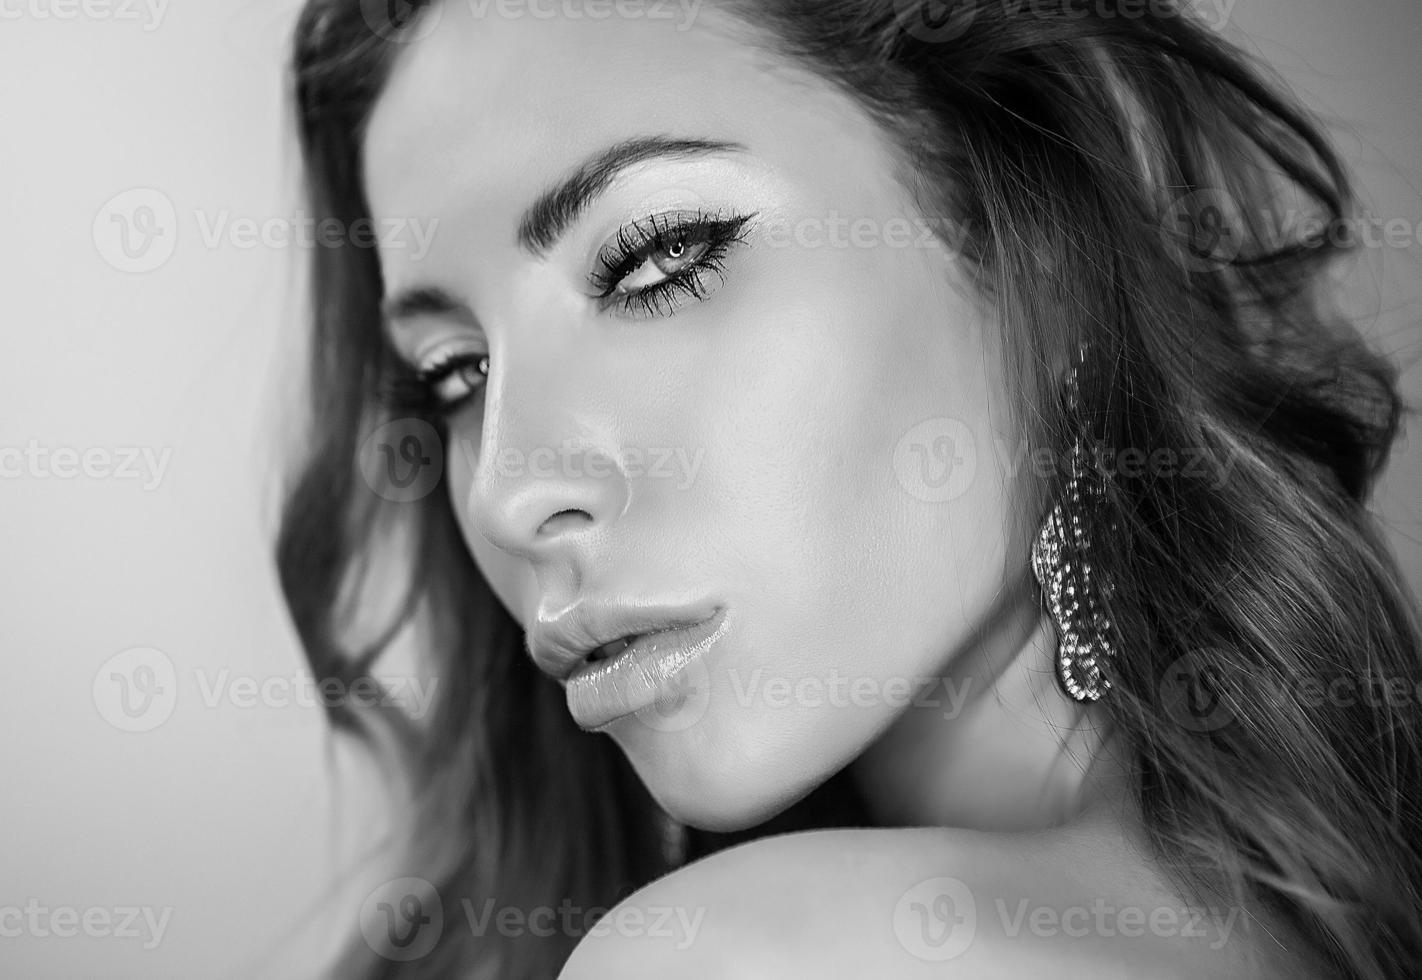 portrait noir et blanc de la jeune beauté romantique. photo